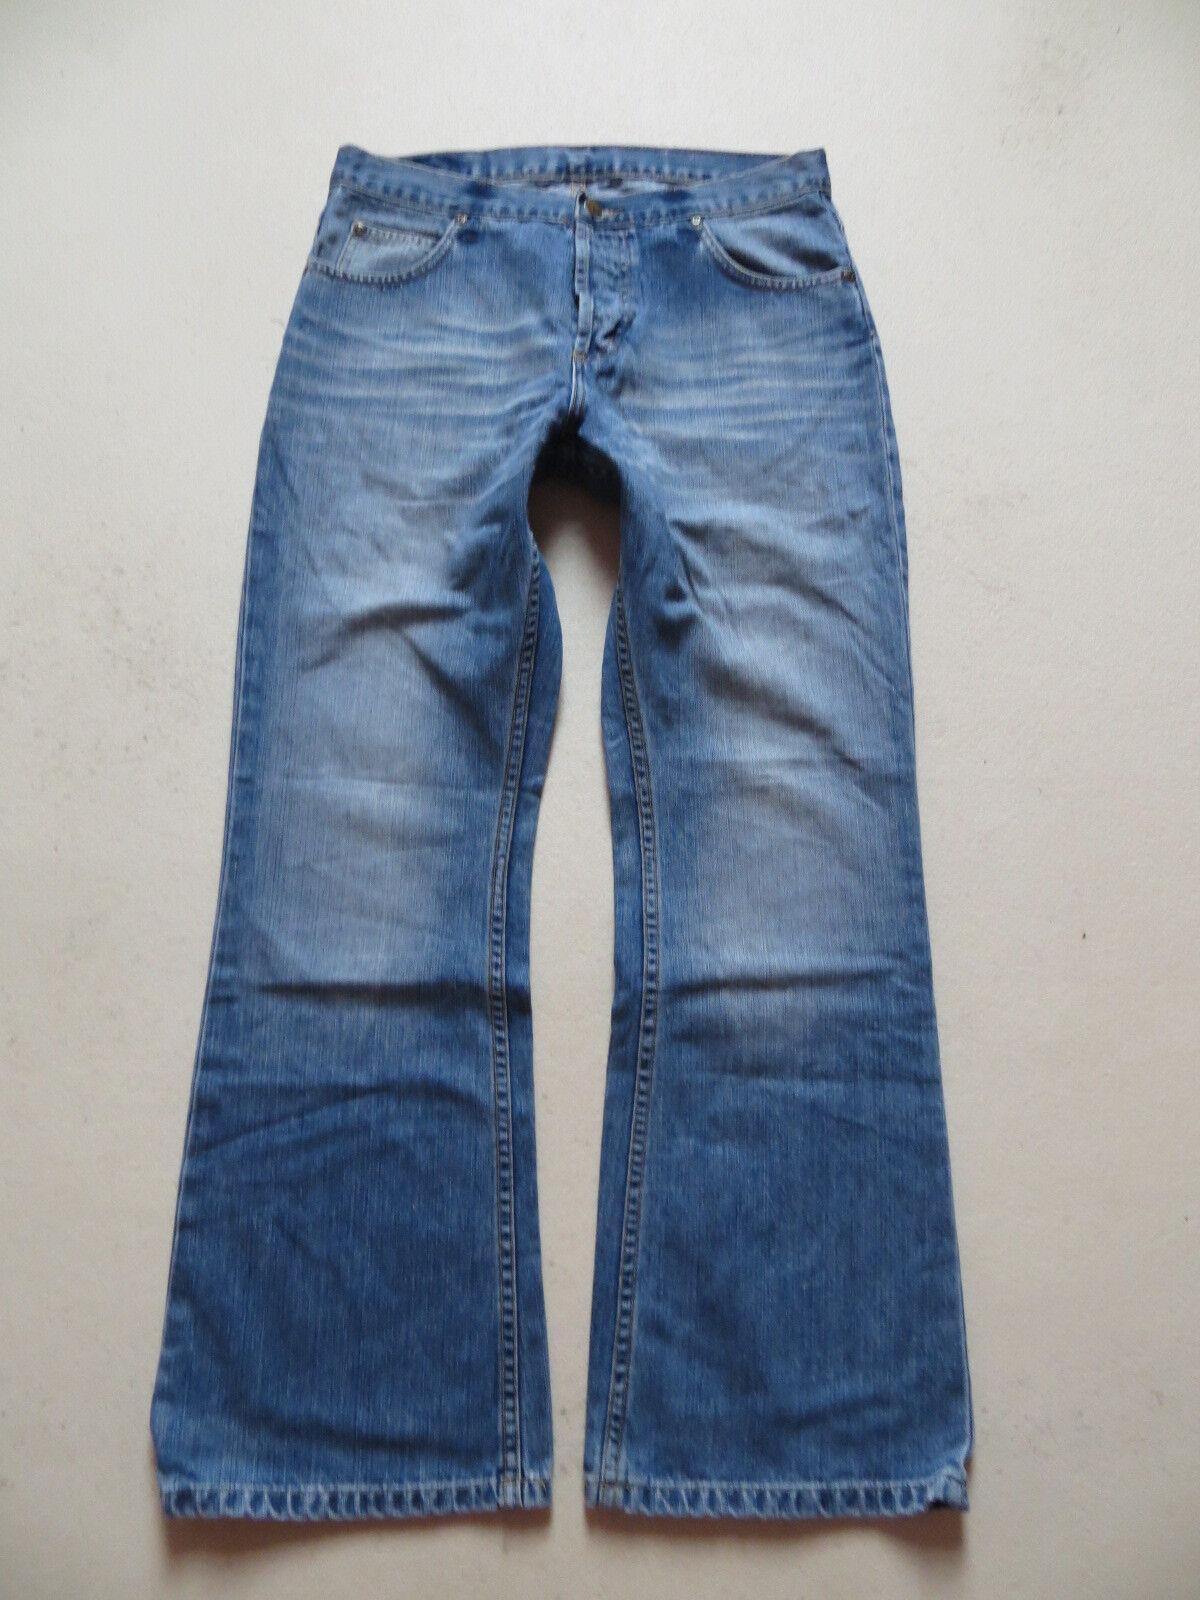 LEE Denver Schlag Jeans Hose, W 33  L 30, TOP   Flare Leg Vintage Denim, KULT